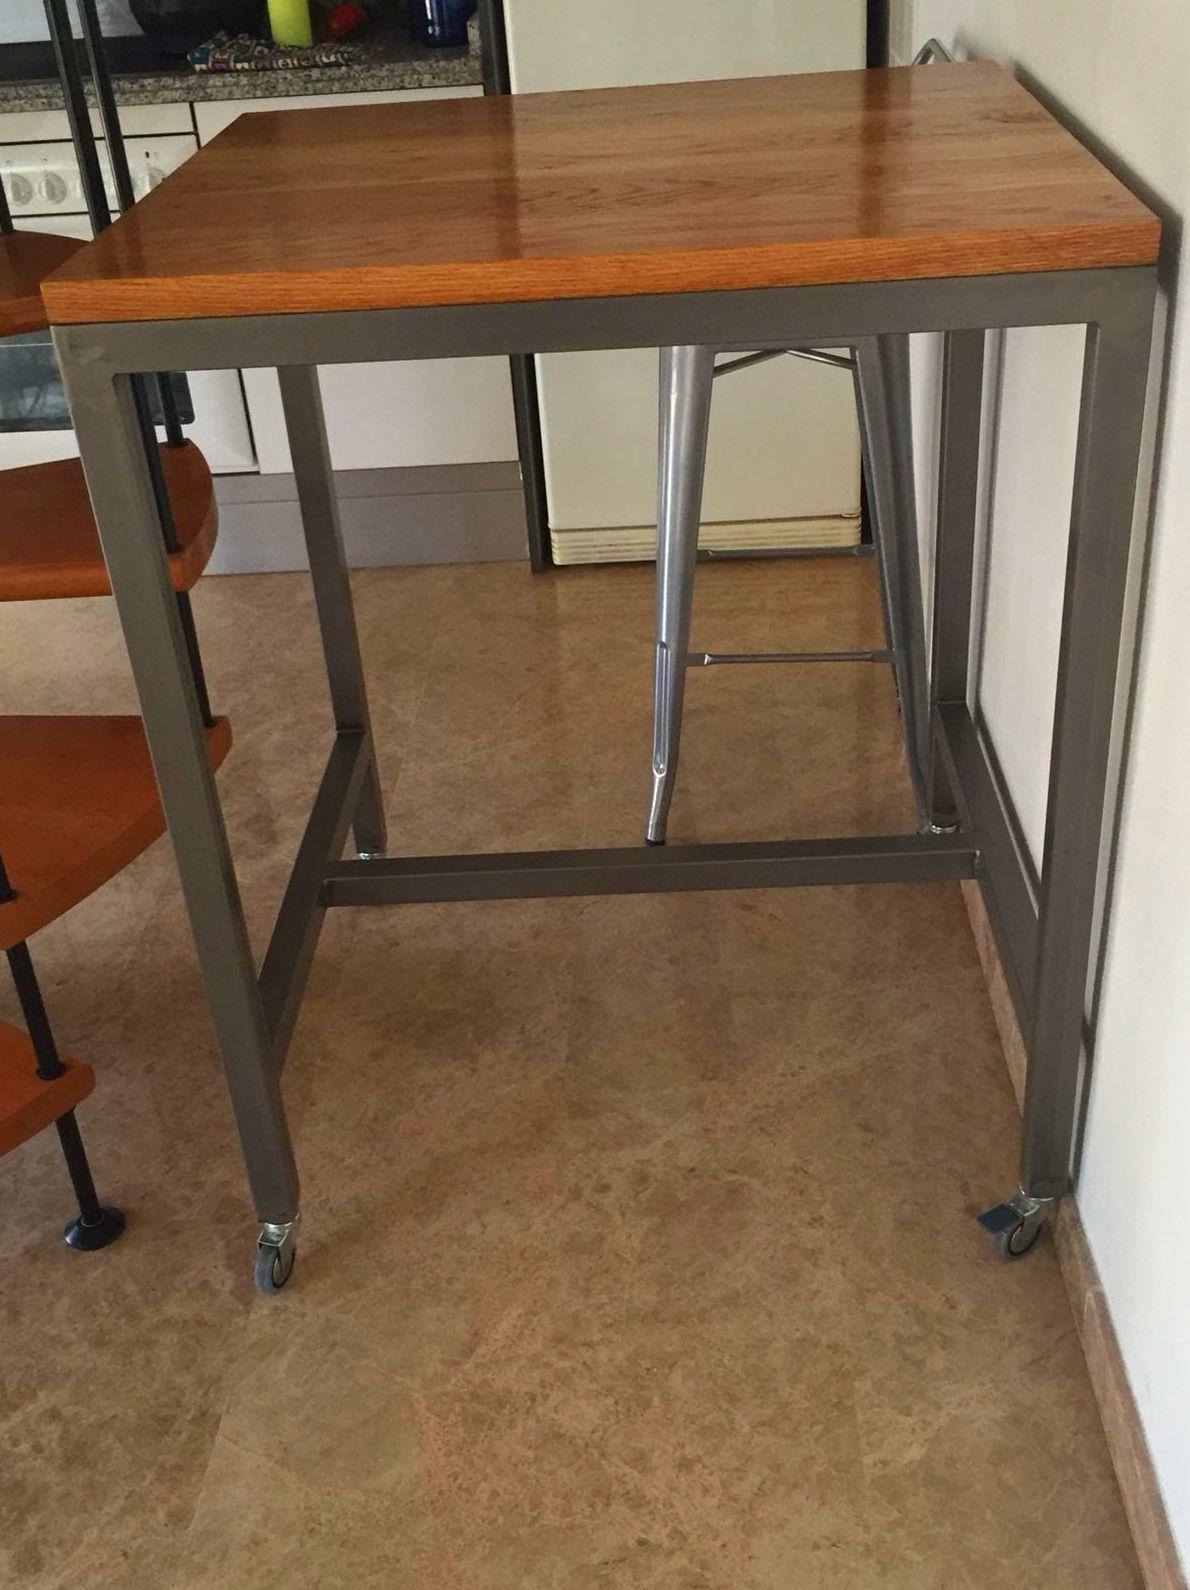 Mesa para cocina en hierro, lacado transparente.